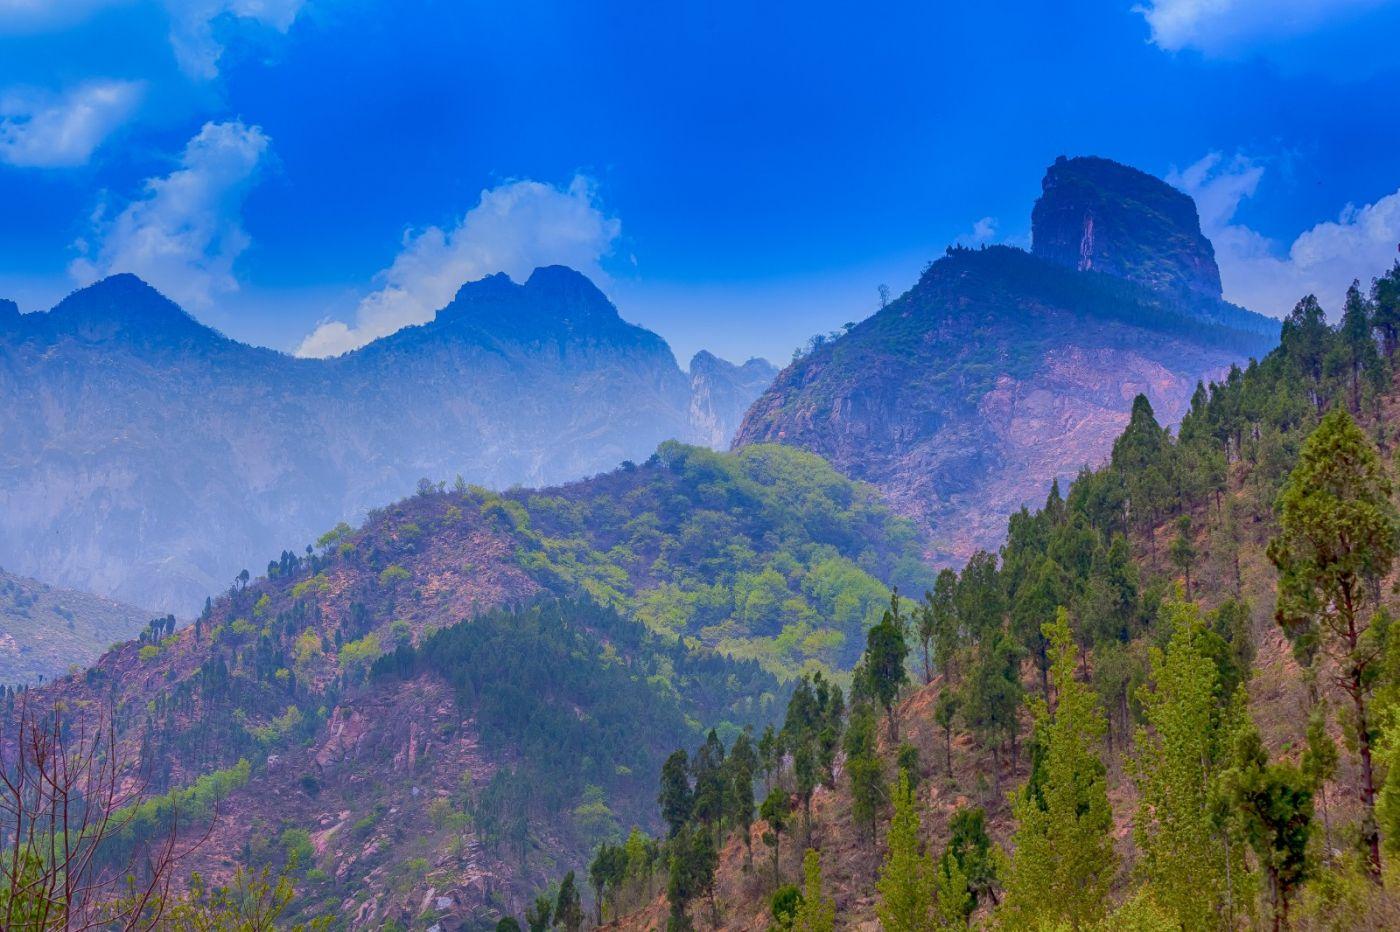 崖壁上的古村落 郭亮村 绝处也有风景_图1-1